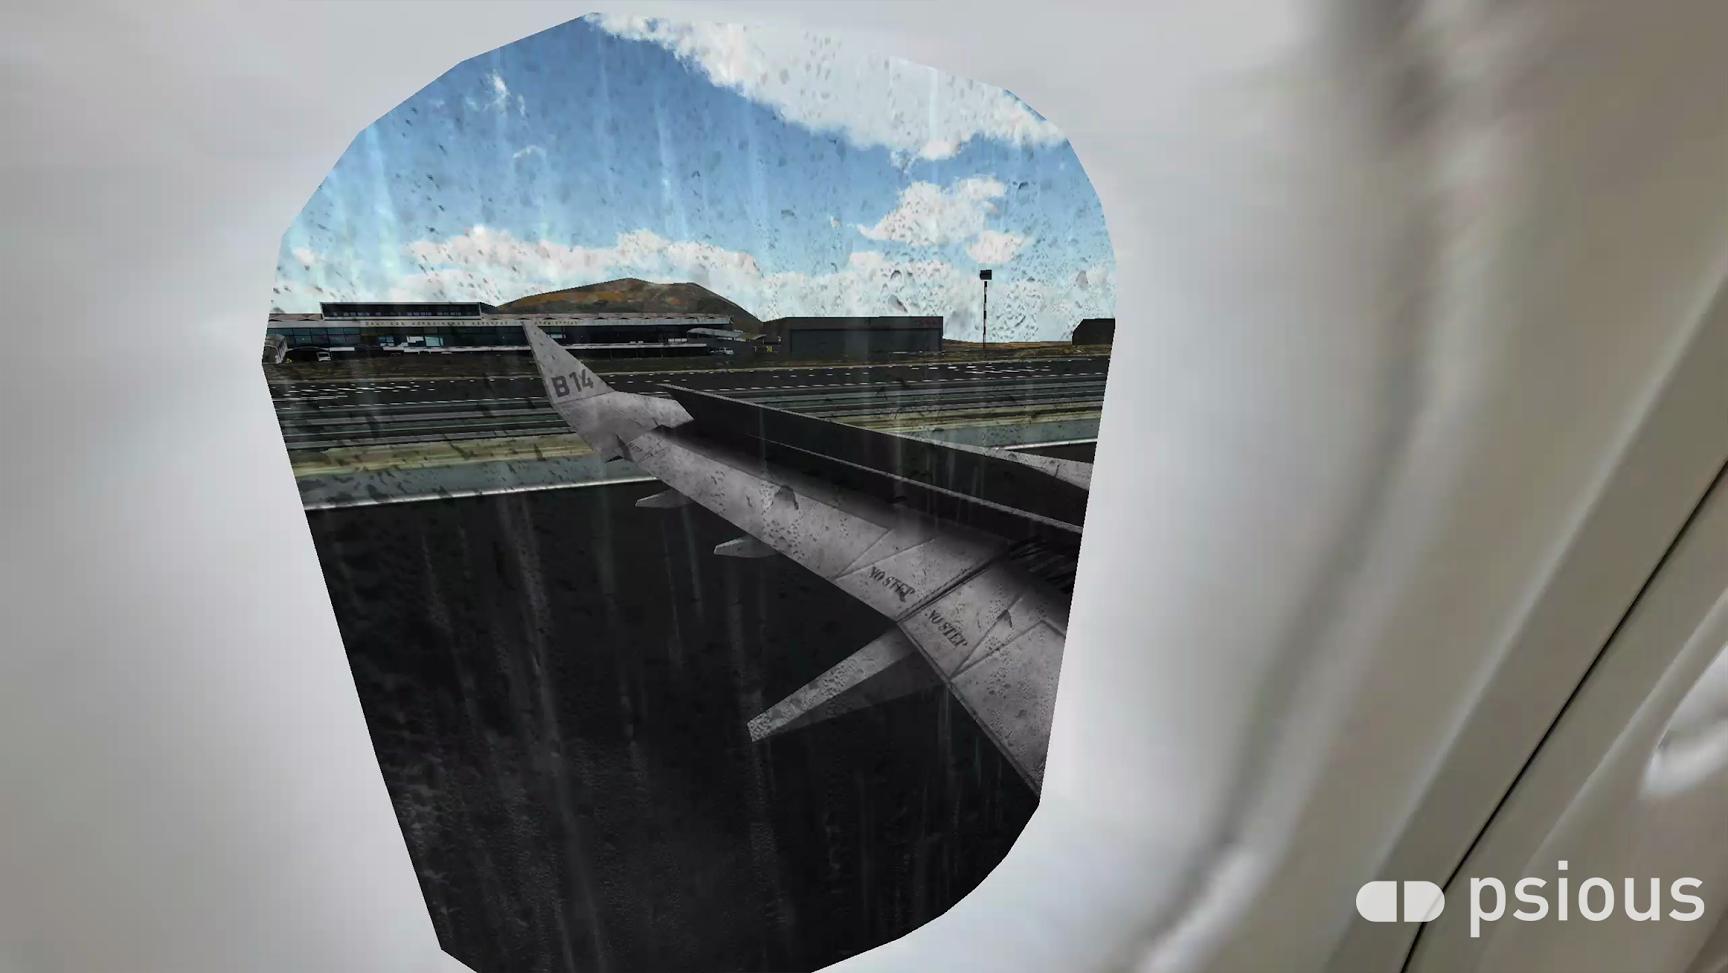 Recreación de un aterrizaje para aquellos que sufren miedo a volar.